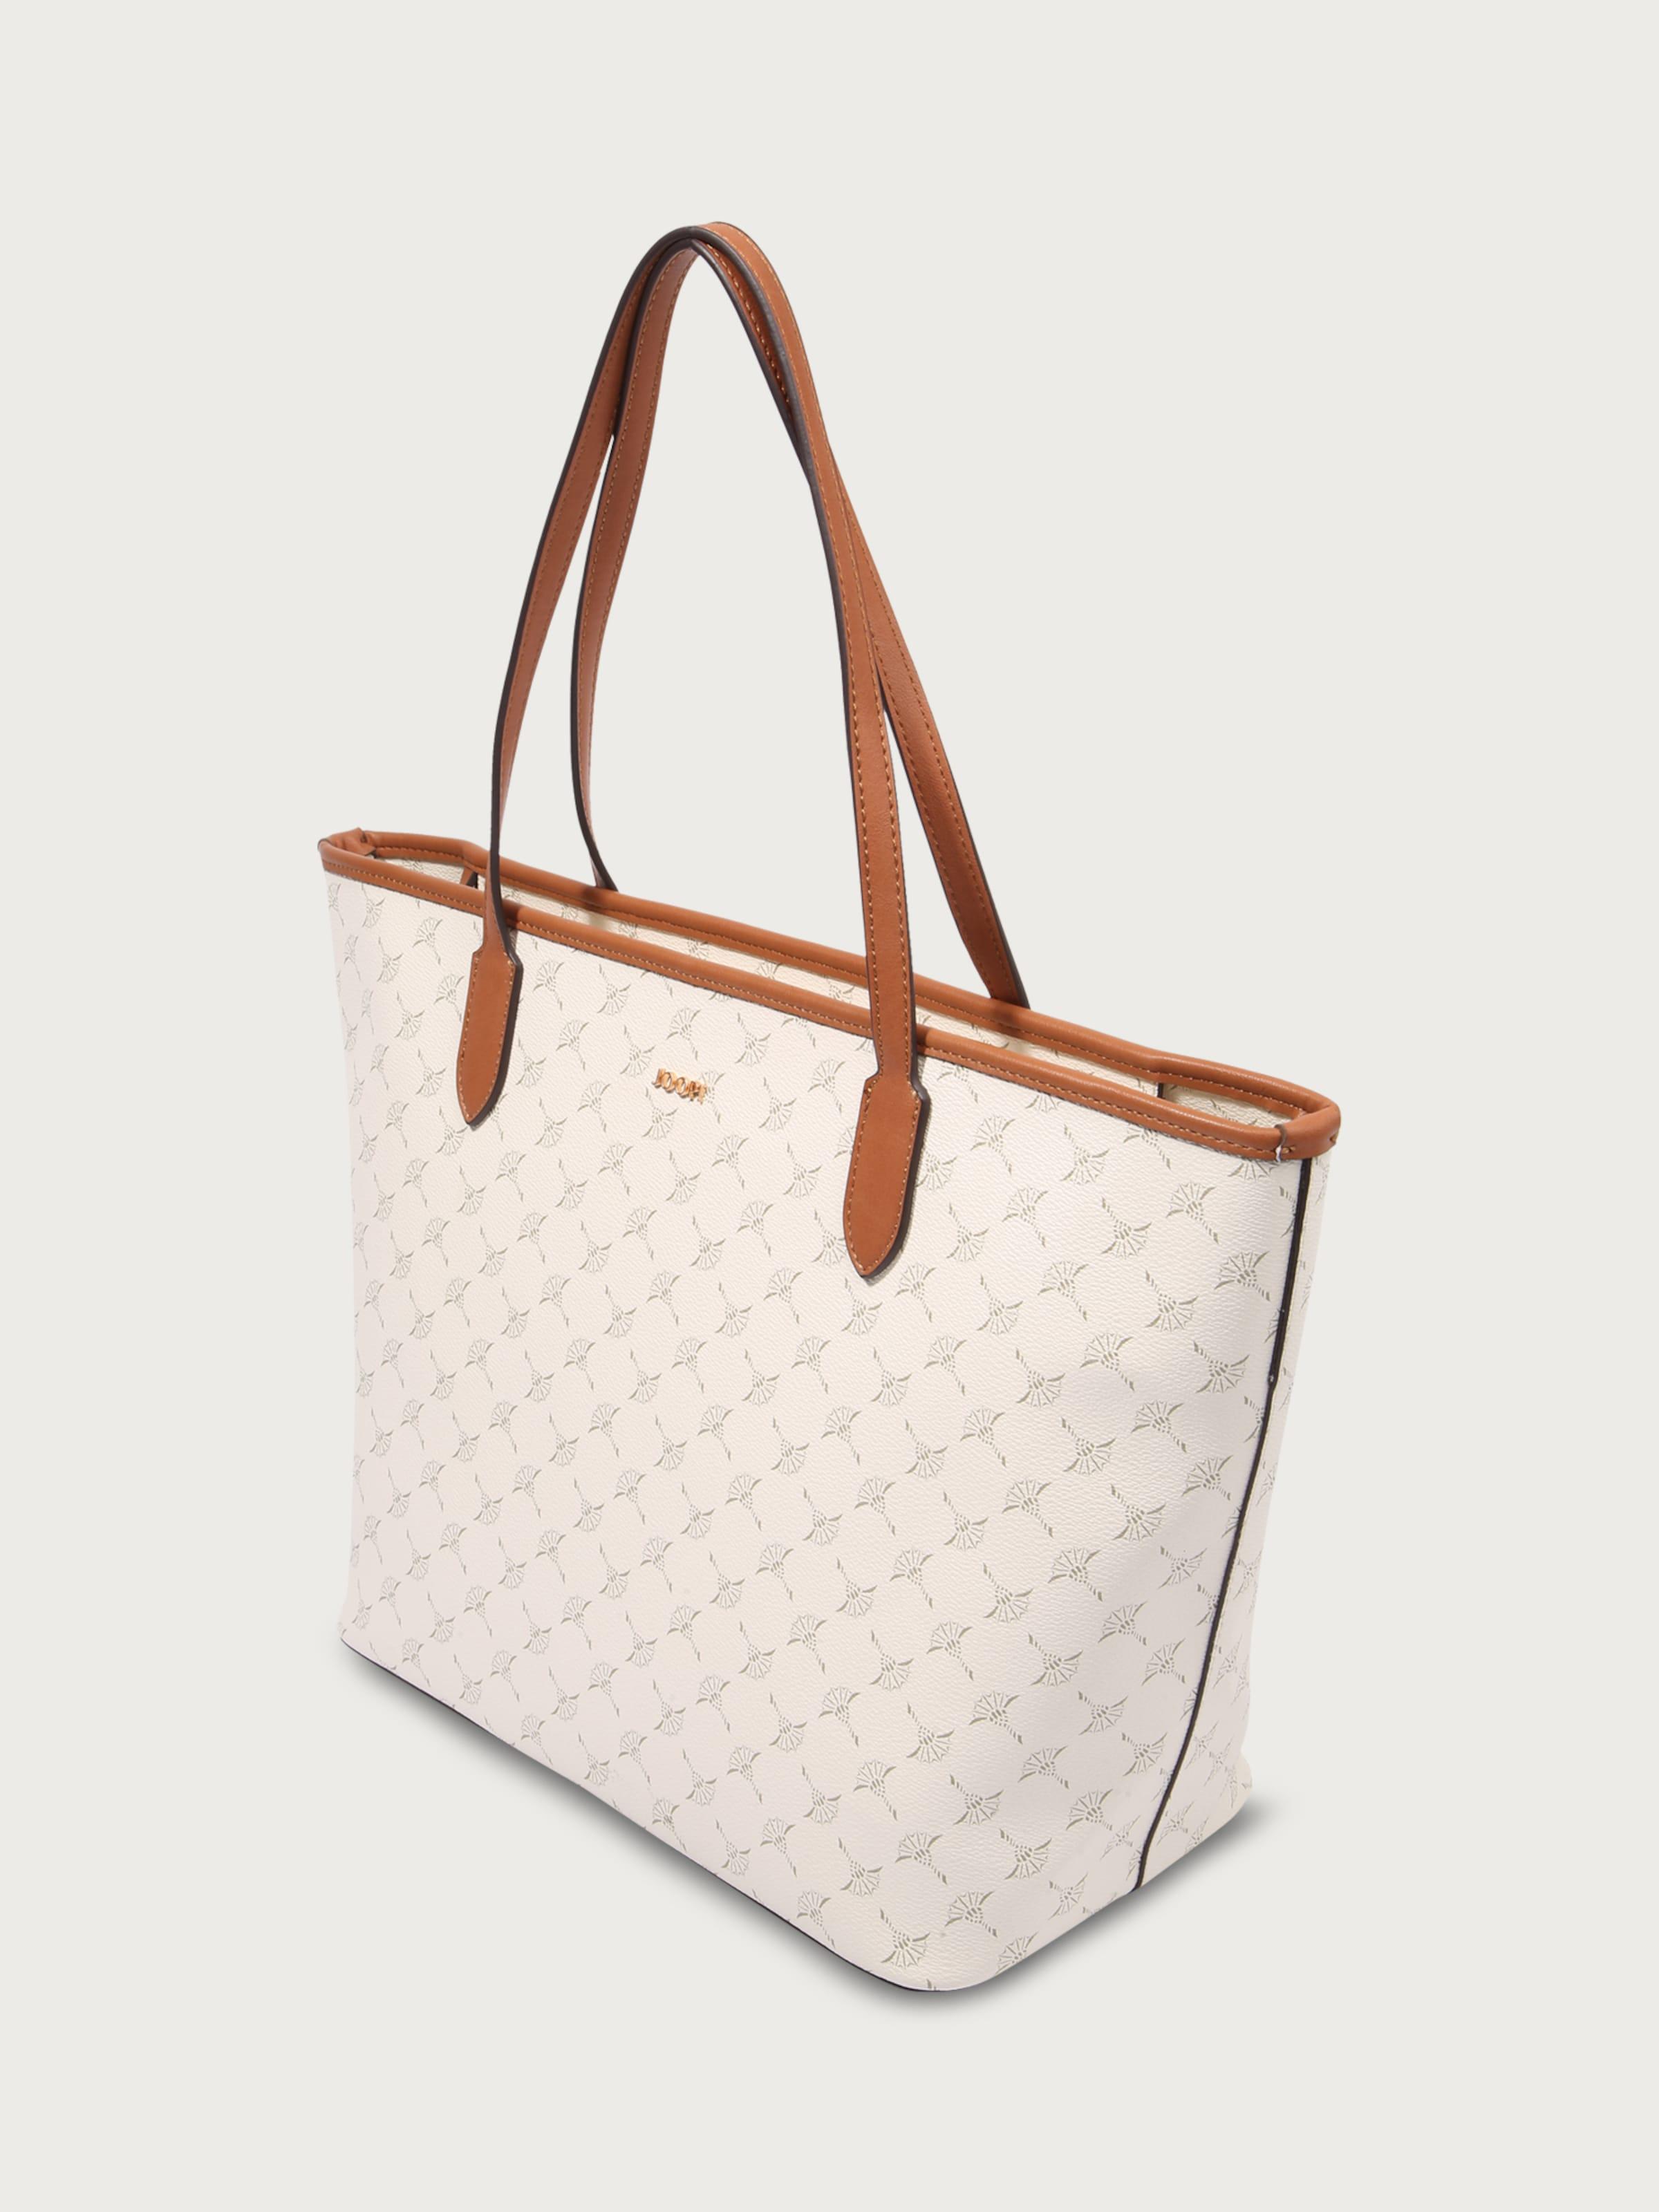 Shopper Shopper Shopper 'Cortina JOOP JOOP 'Cortina LARA' 'Cortina LARA' JOOP x50wpBdqdW